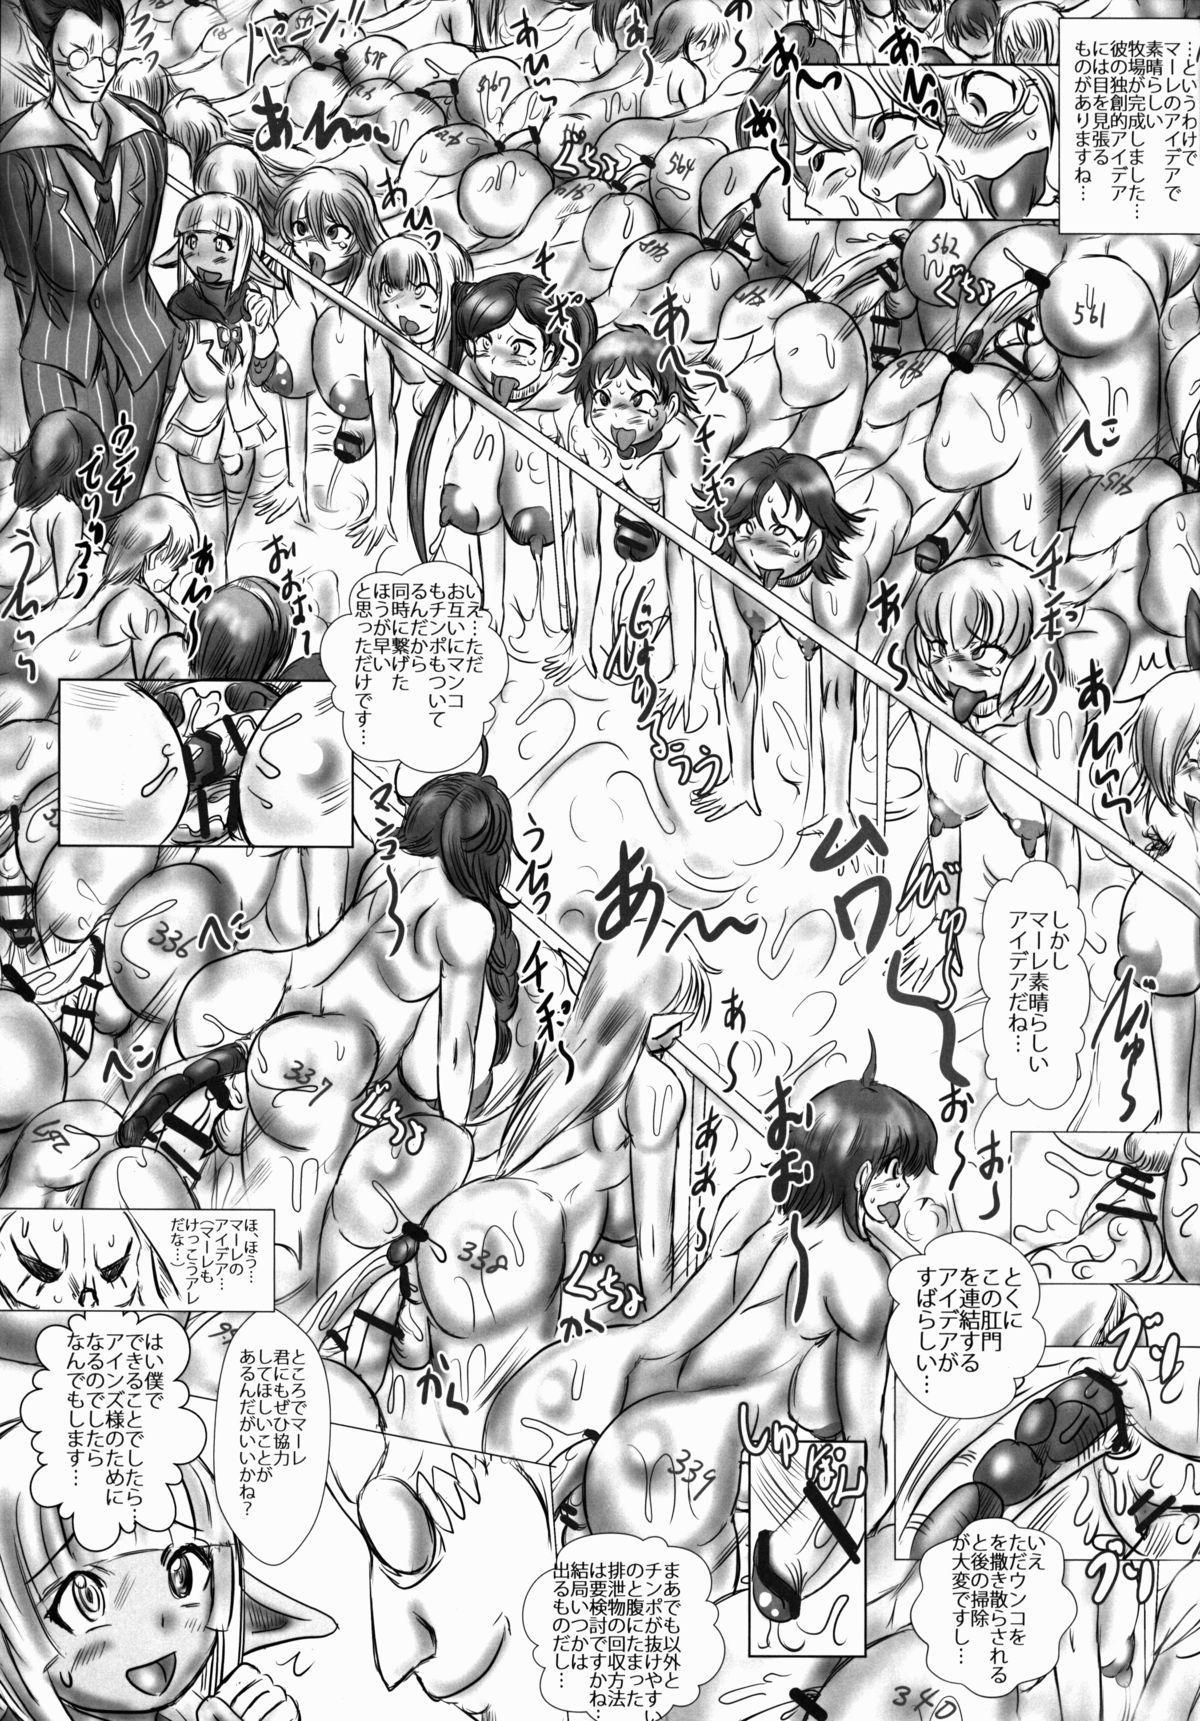 Oideyo! Nazarick no Futanari Bokujou 22